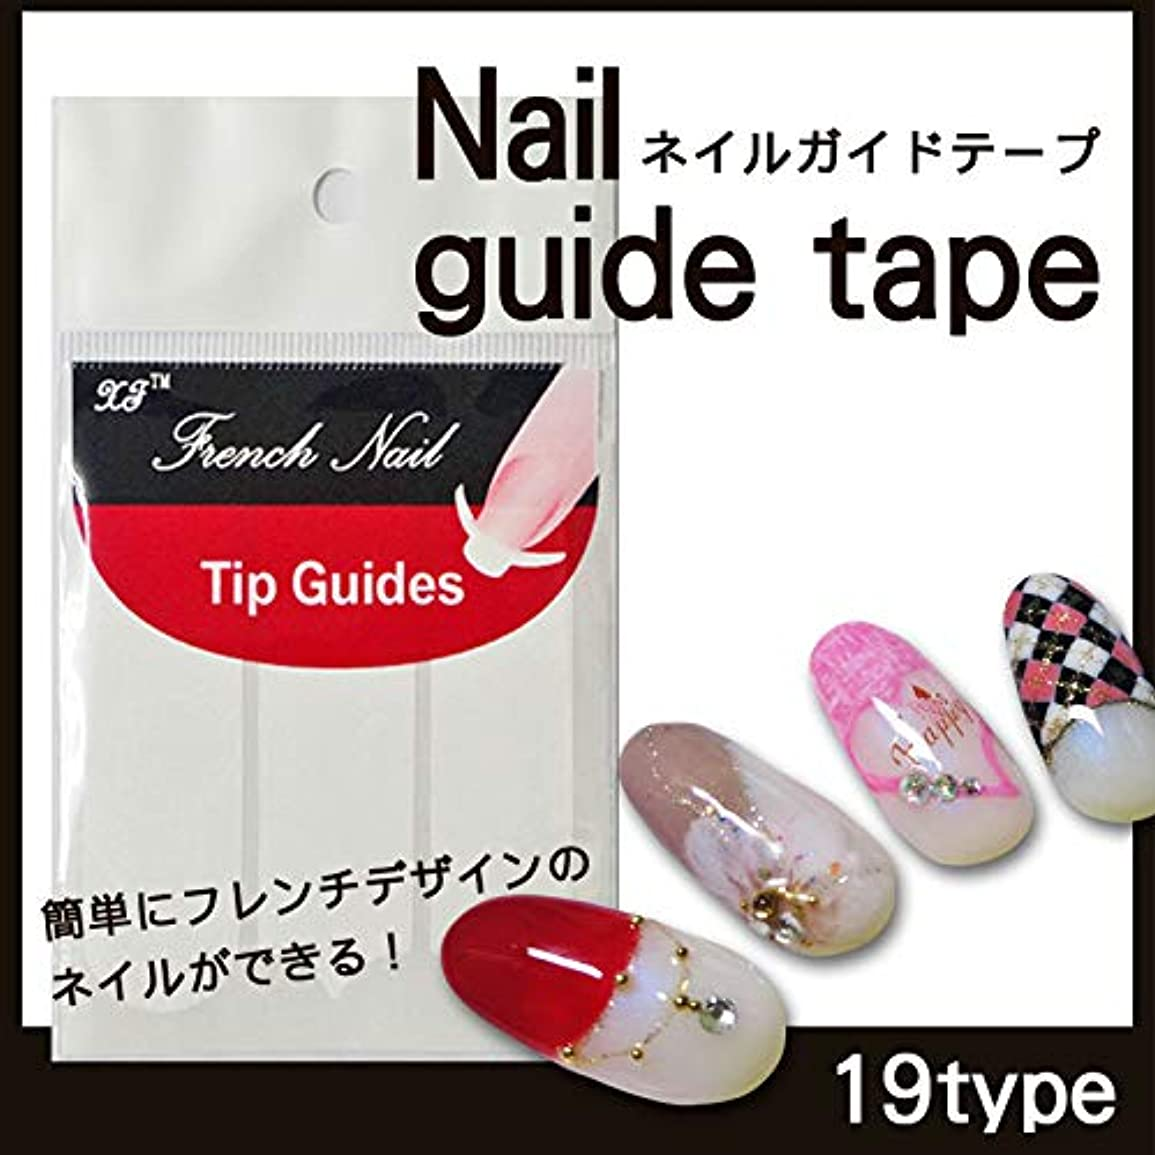 ハント初期賞ネイル用 ガイドテープ (ガイドテープ【17】)